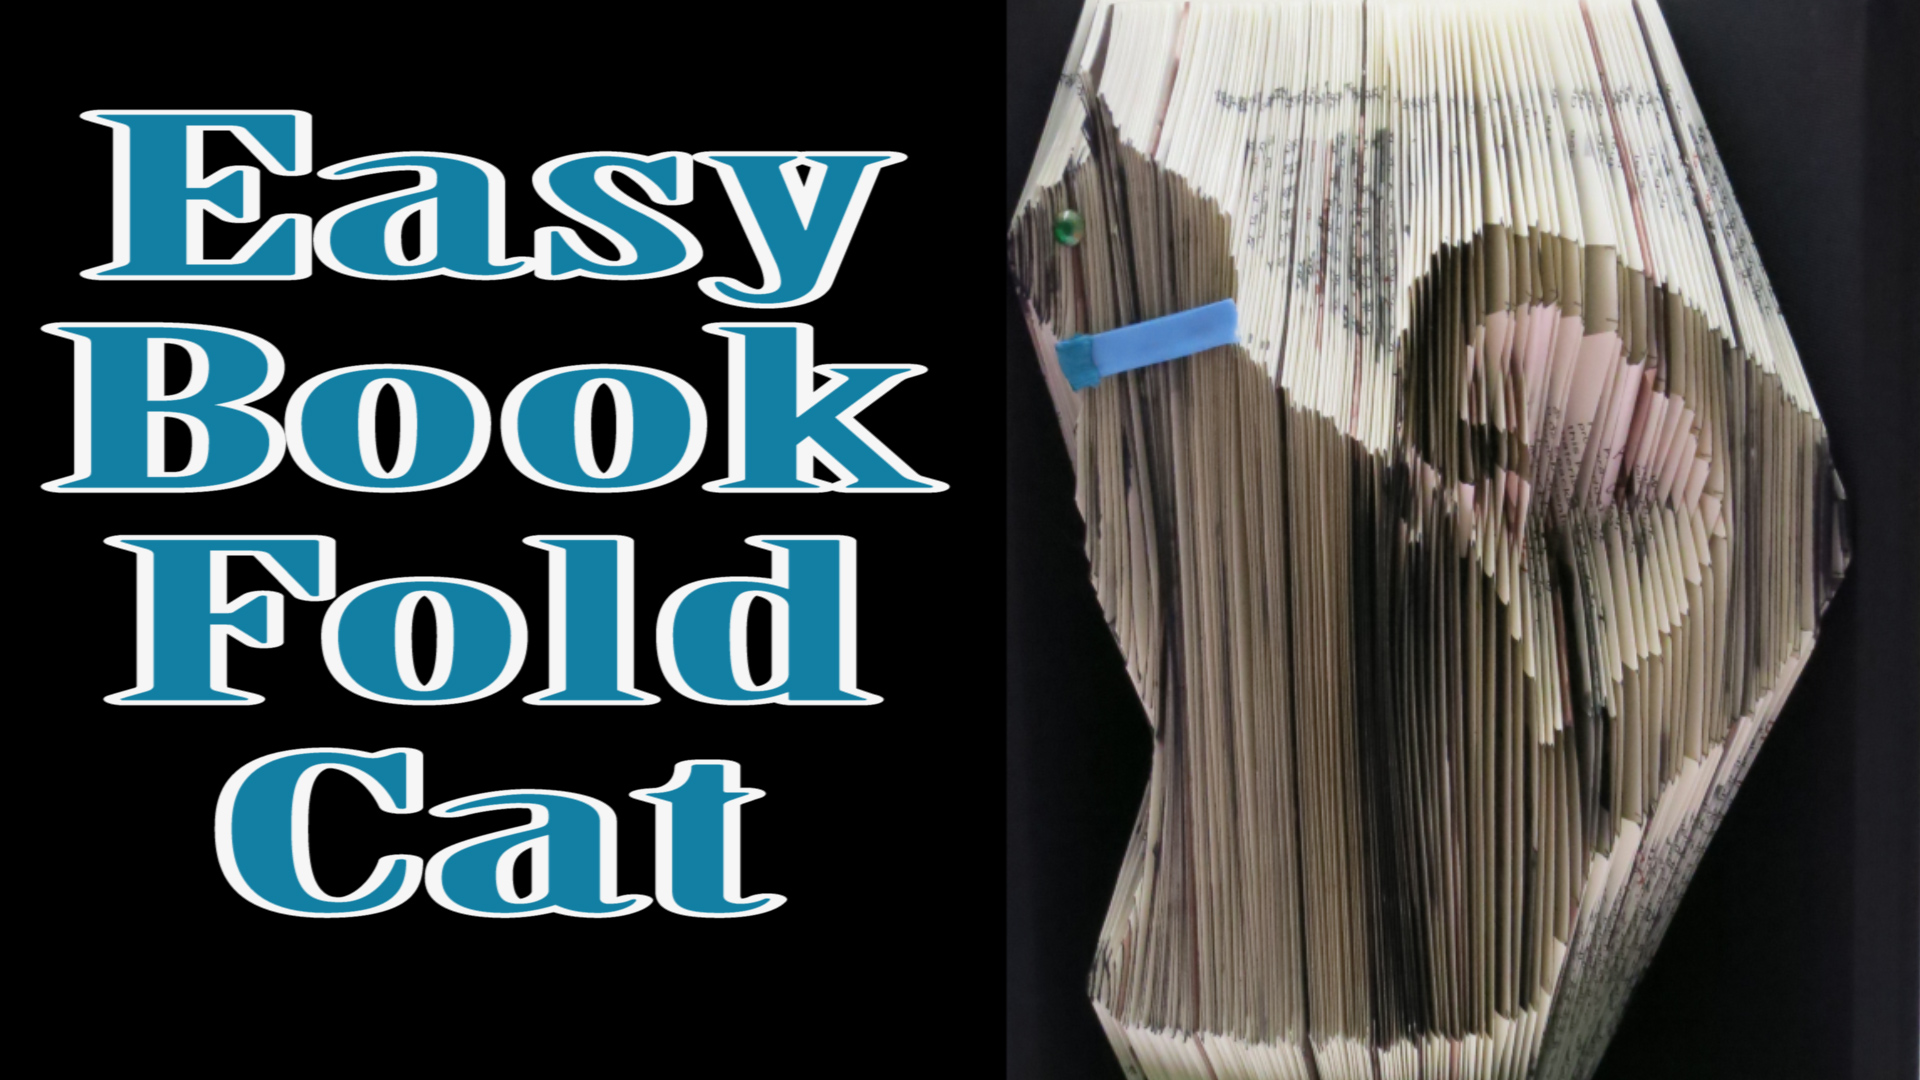 basic book folding instructions